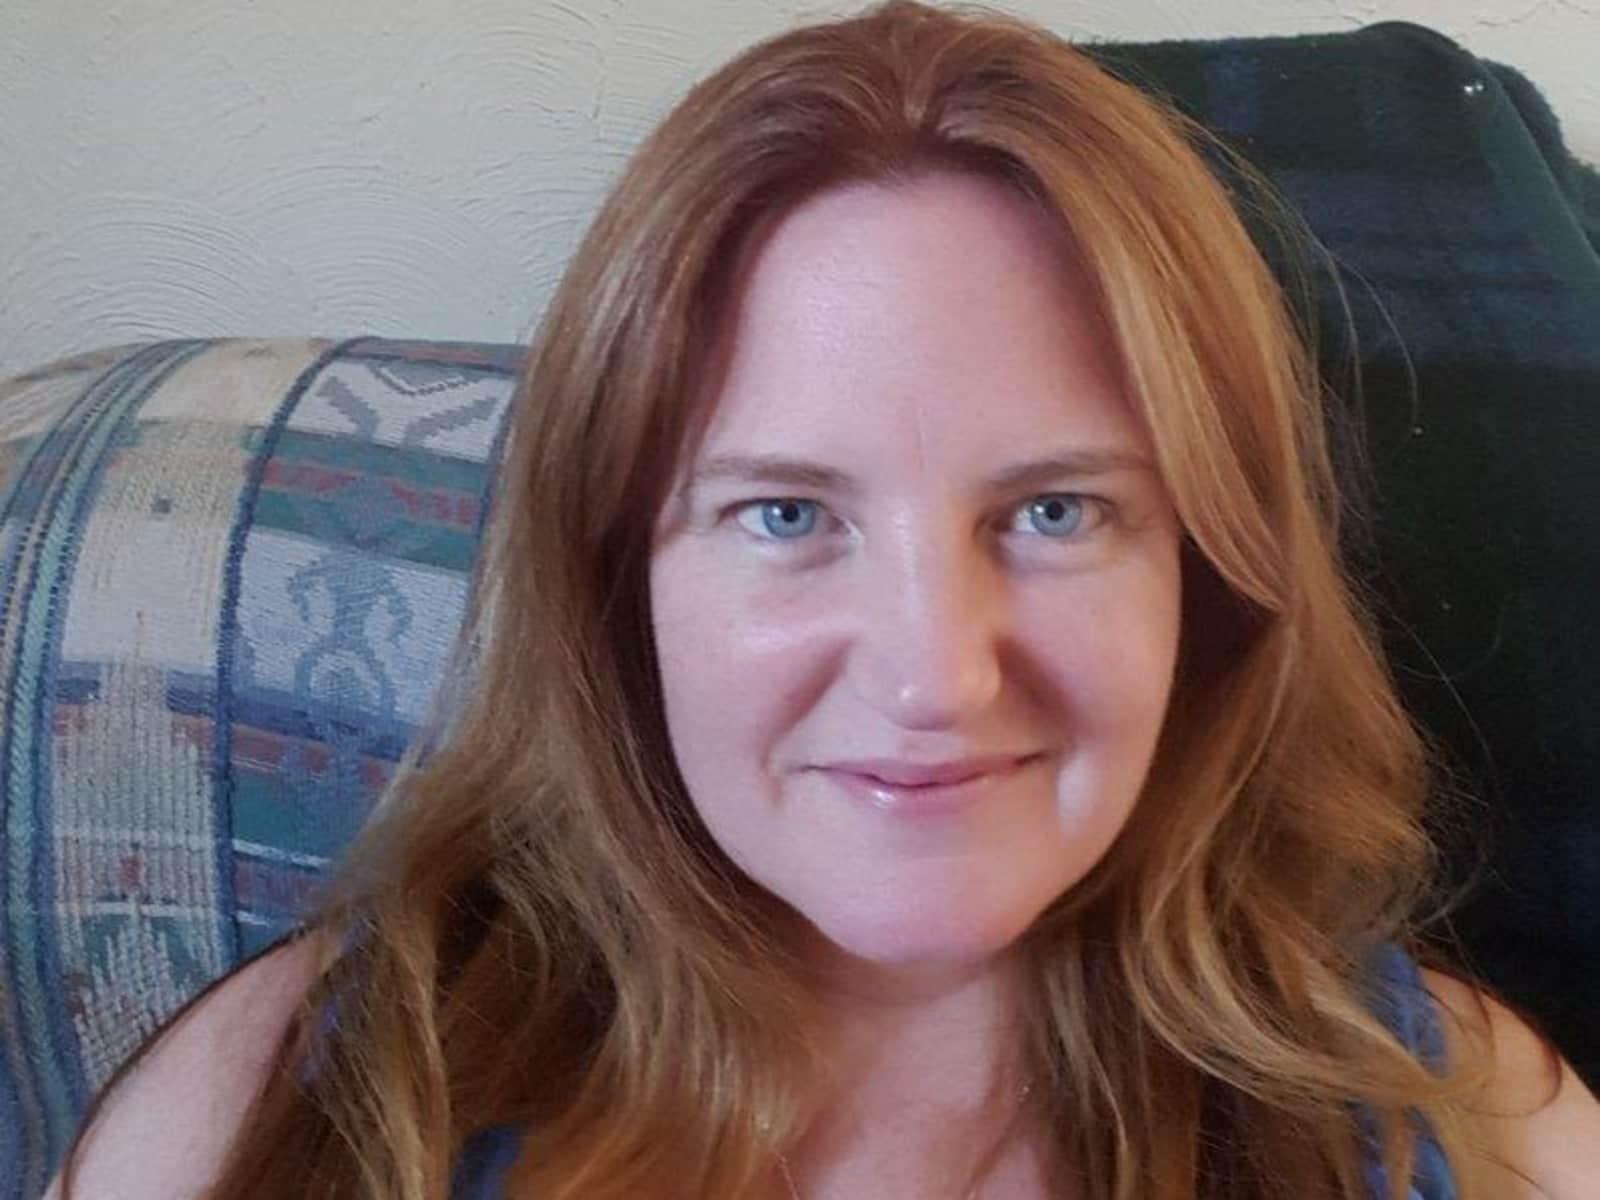 Rachel from Auckland, New Zealand